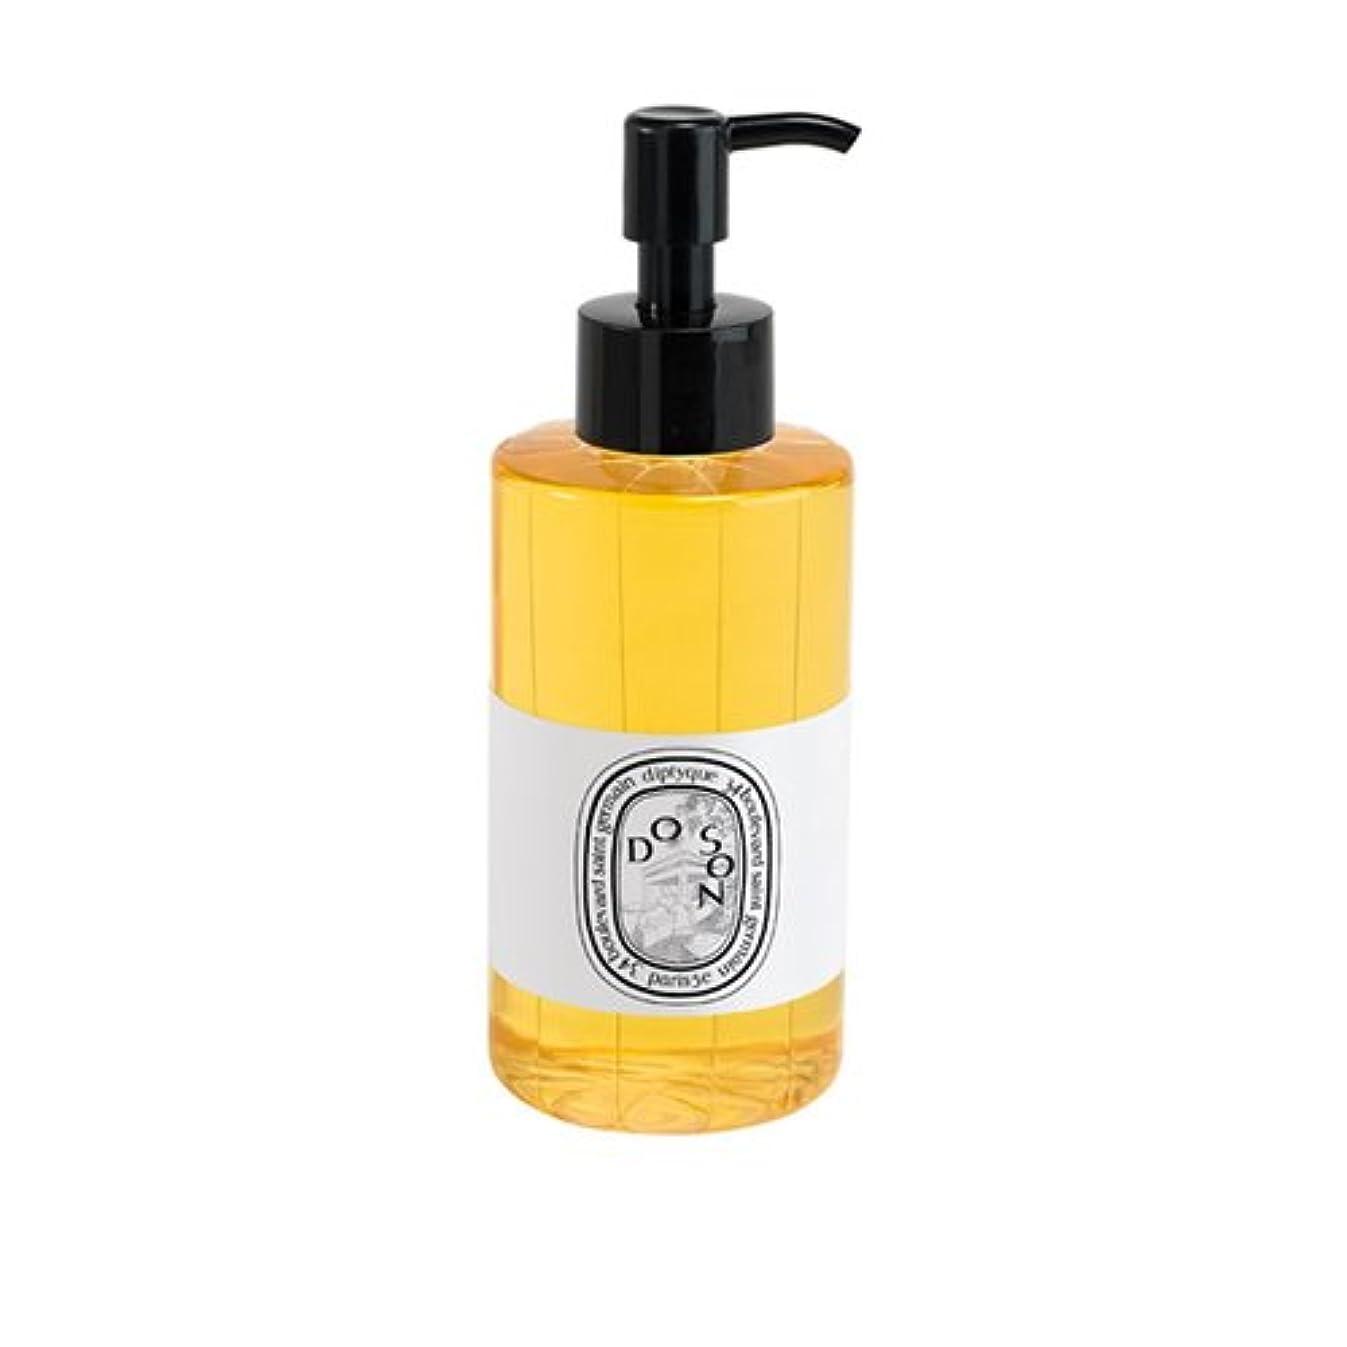 落ち着いて未使用取り出すディプティック シャワーオイル ドソン(テュベルーズ)200ml DIPTYQUE DO SON SHOWER OIL [並行輸入品]